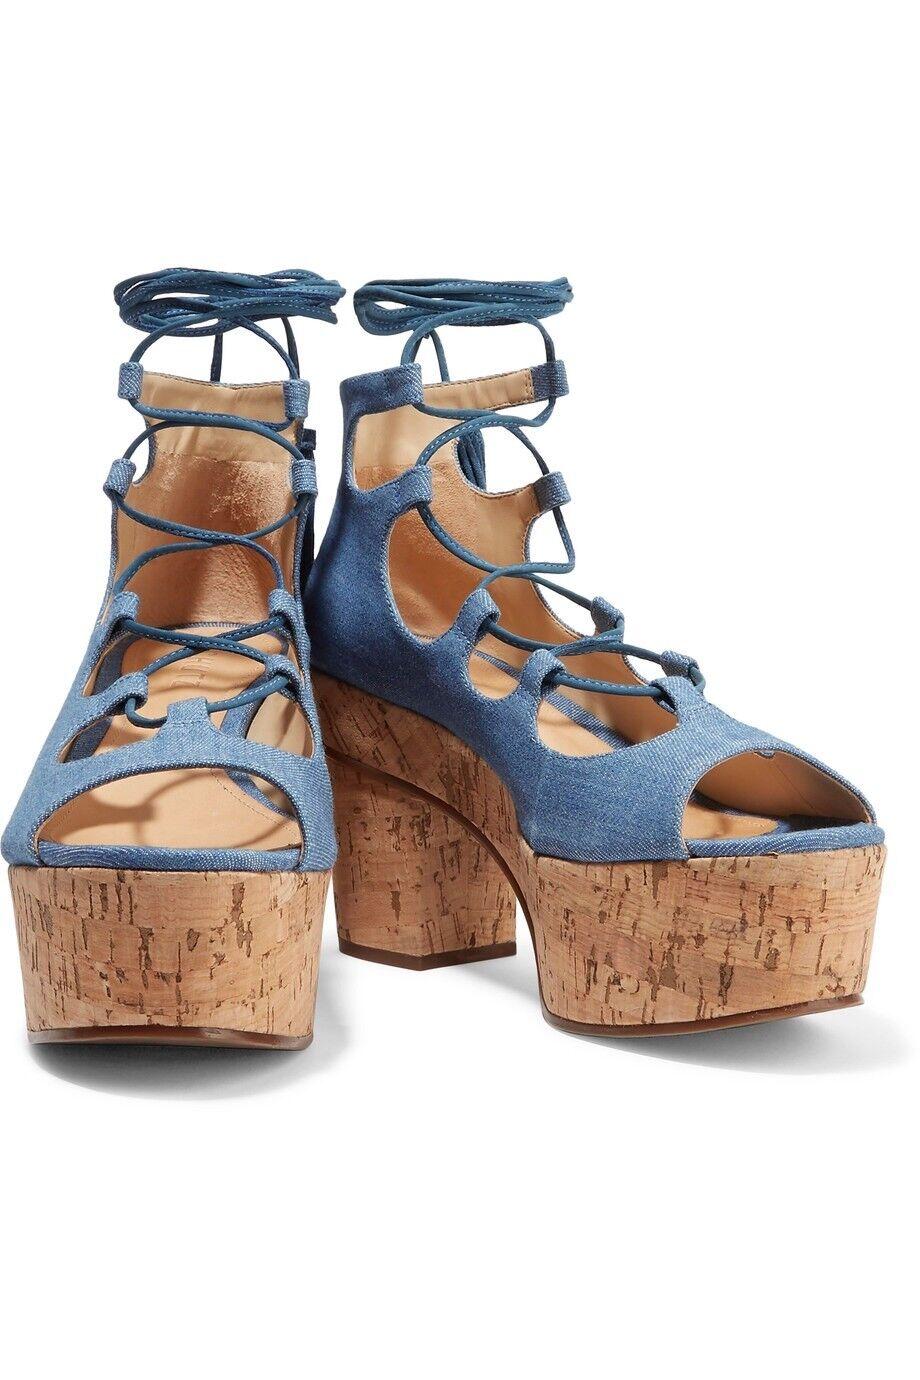 promozioni di sconto NEW Schutz Miniviola Platform Sandals. Sandals. Sandals. 8.5  Garanzia di vestibilità al 100%